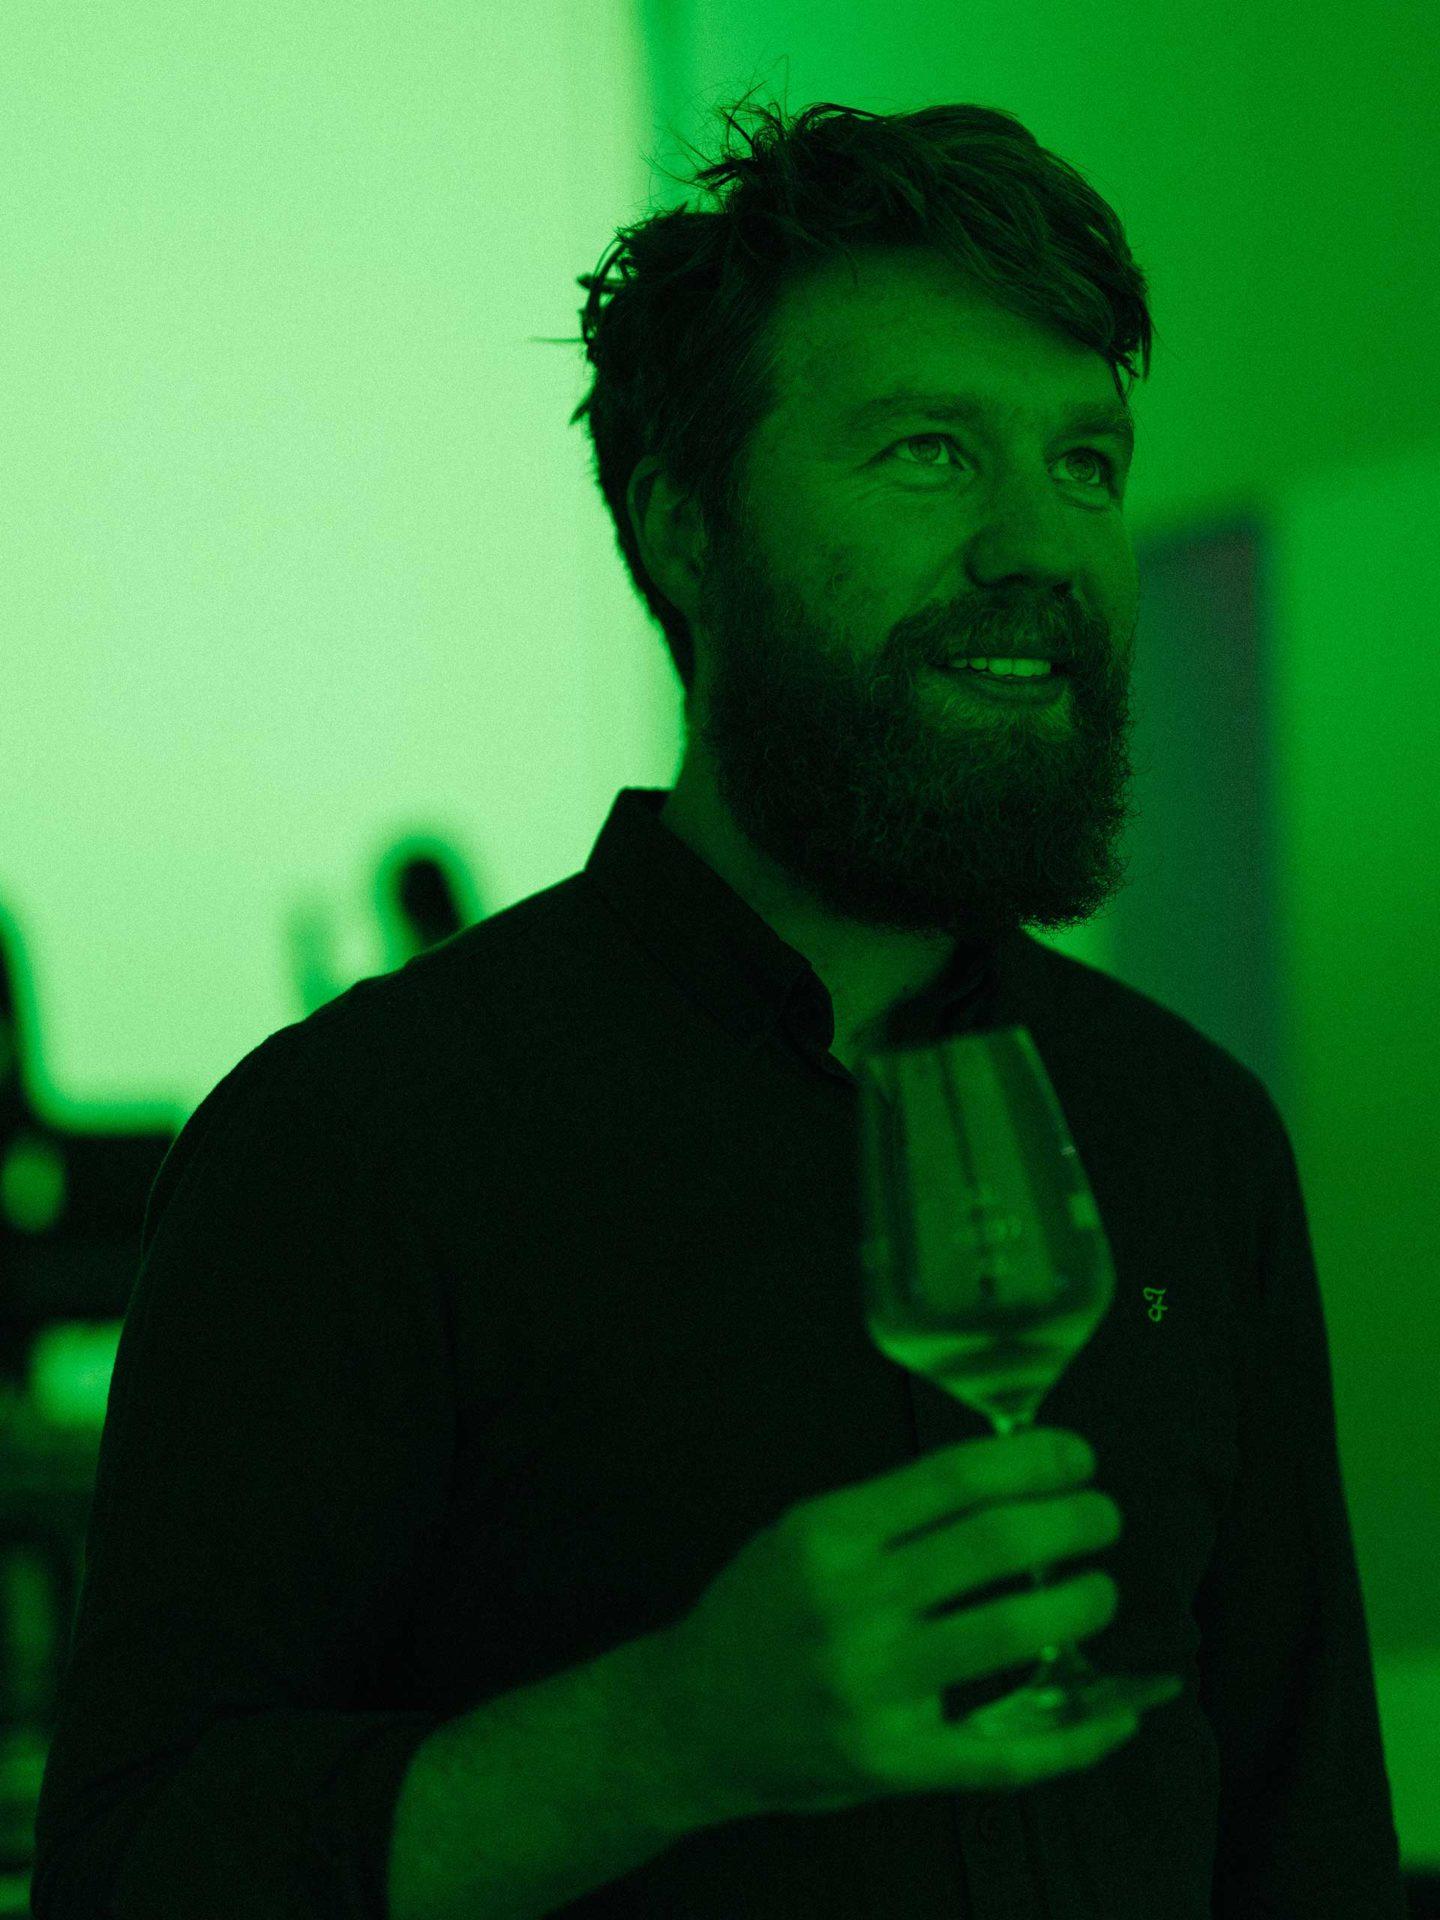 Der besondere Verkostungsraum. Felix probiert den Wein unter grünem Licht